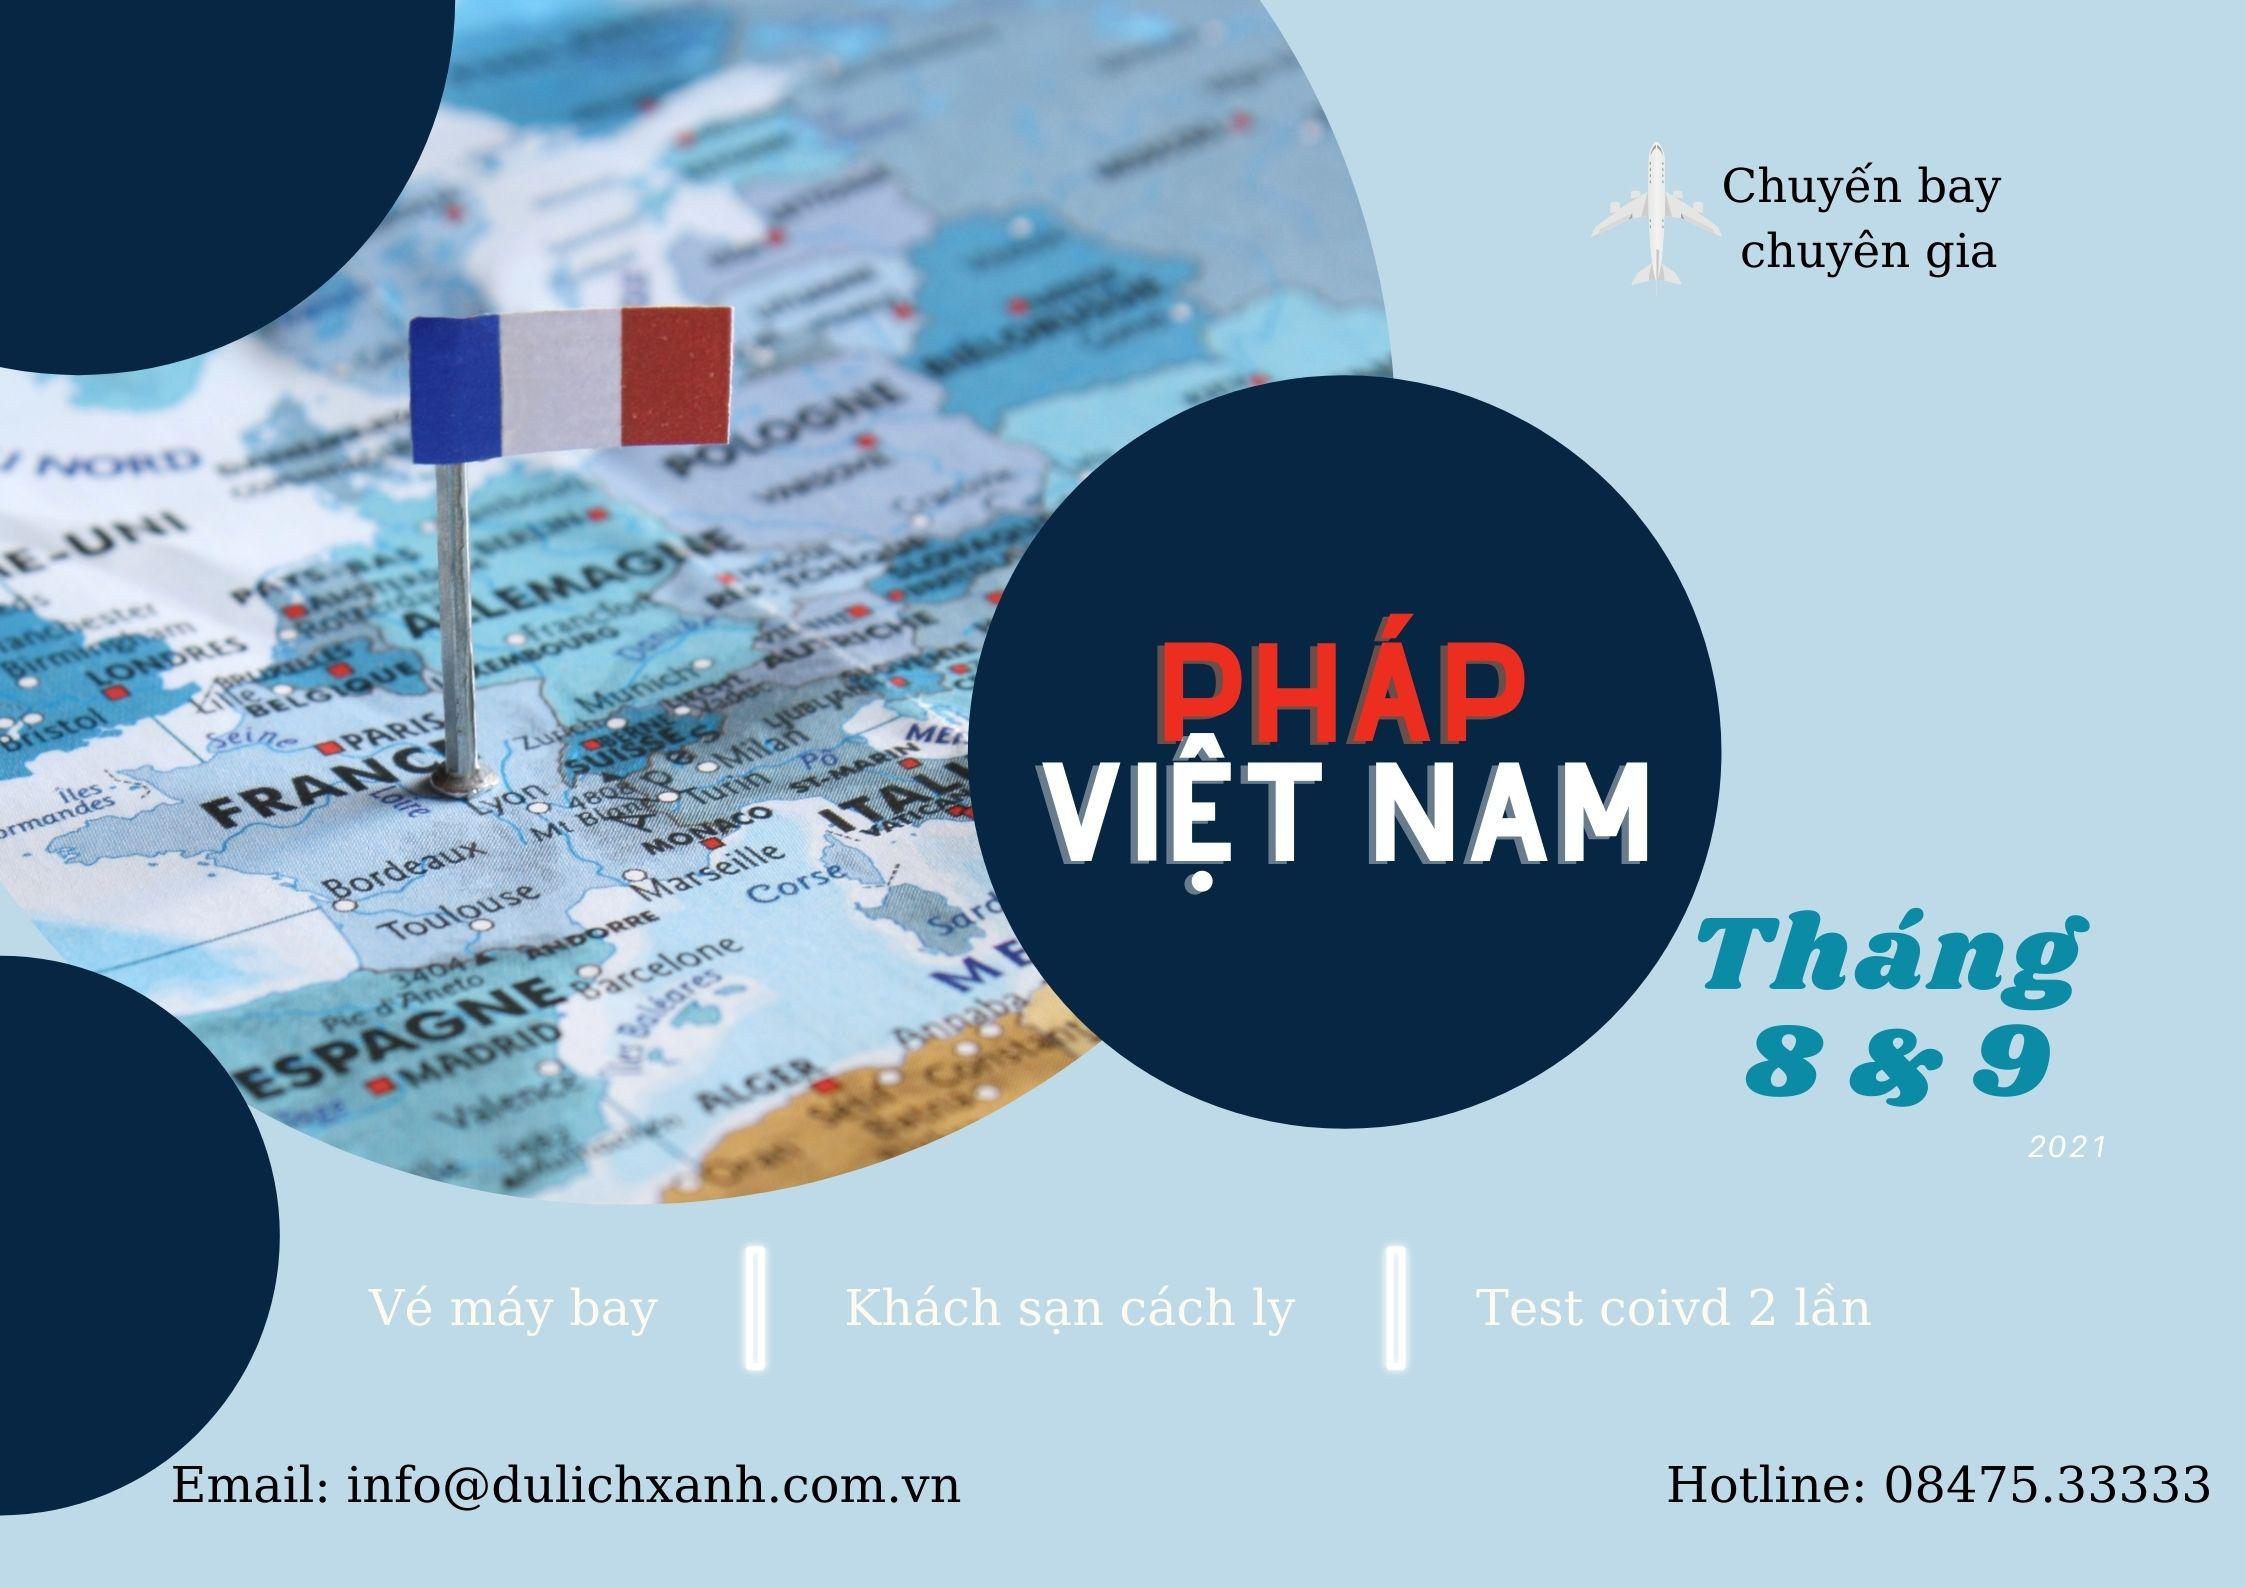 Lịch bay chuyên gia từ Pháp về Việt Nam tháng 8 & 9